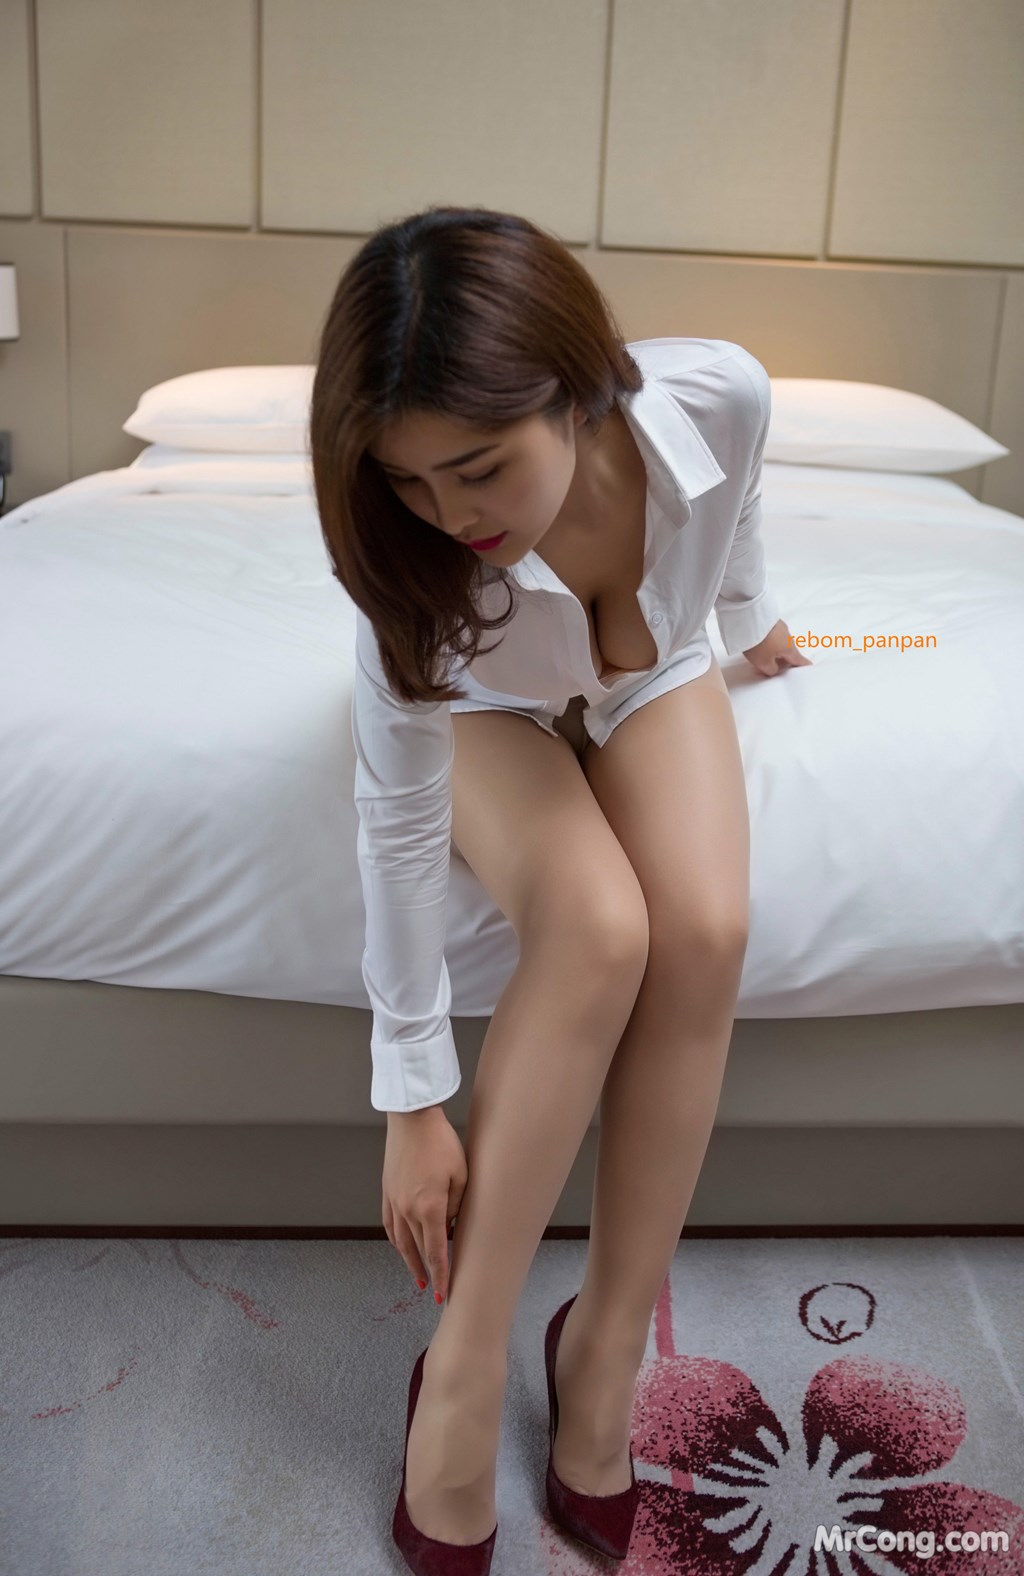 Image Yan-Pan-Pan-Part-4-MrCong.com-002 in post Người đẹp Yan Pan Pan (闫盼盼) hờ hững khoe vòng một trên giường ngủ (40 ảnh)